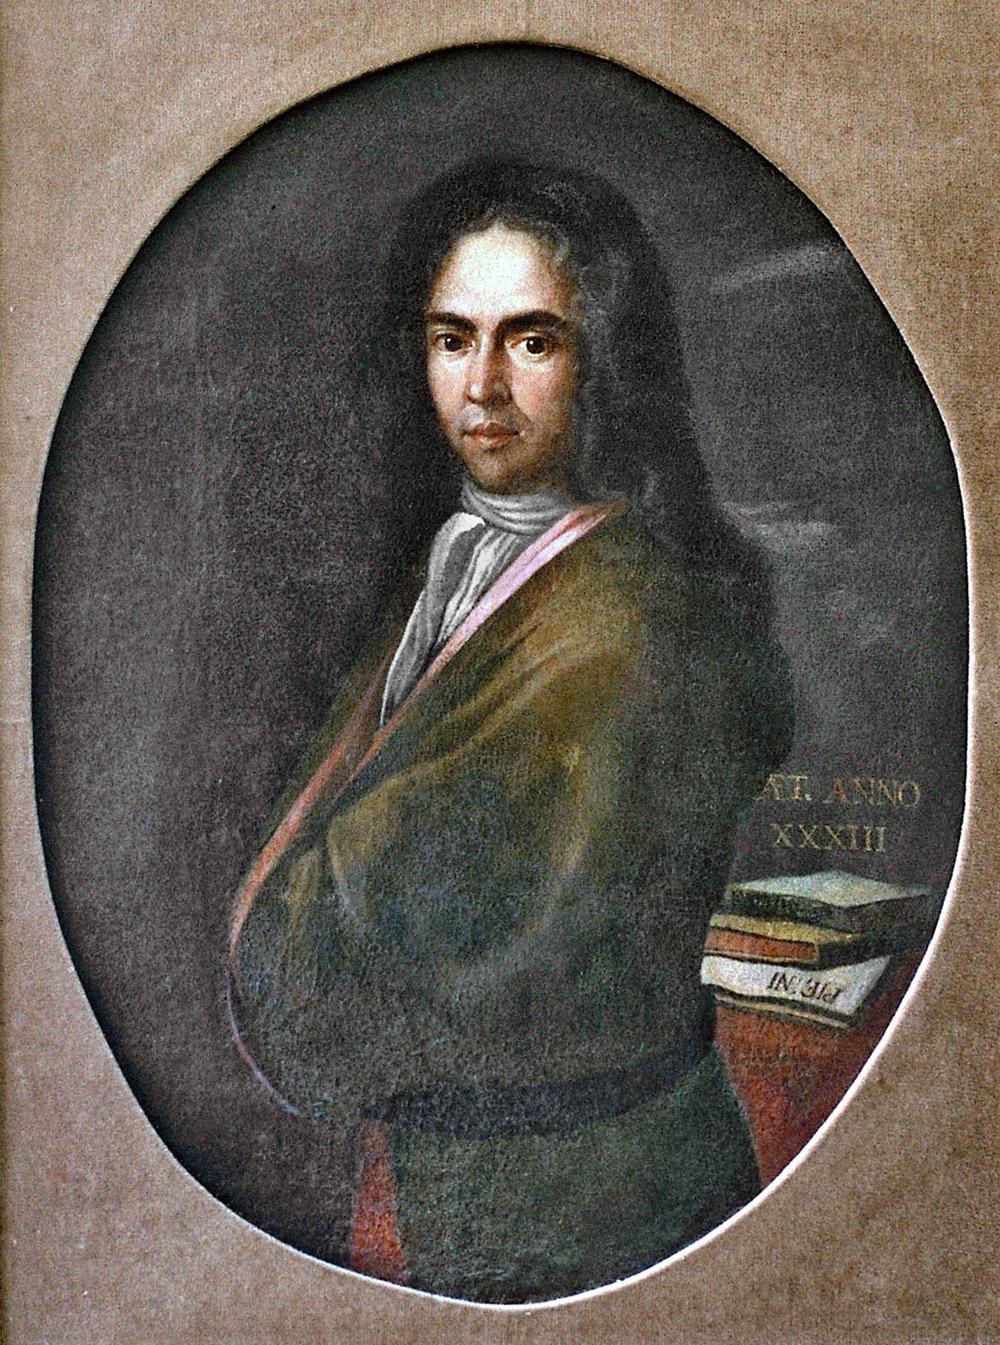 Det første kjente portrett med en cravat er av den kroatiske poeten Dživo Franov Gundulic (1589–1638).